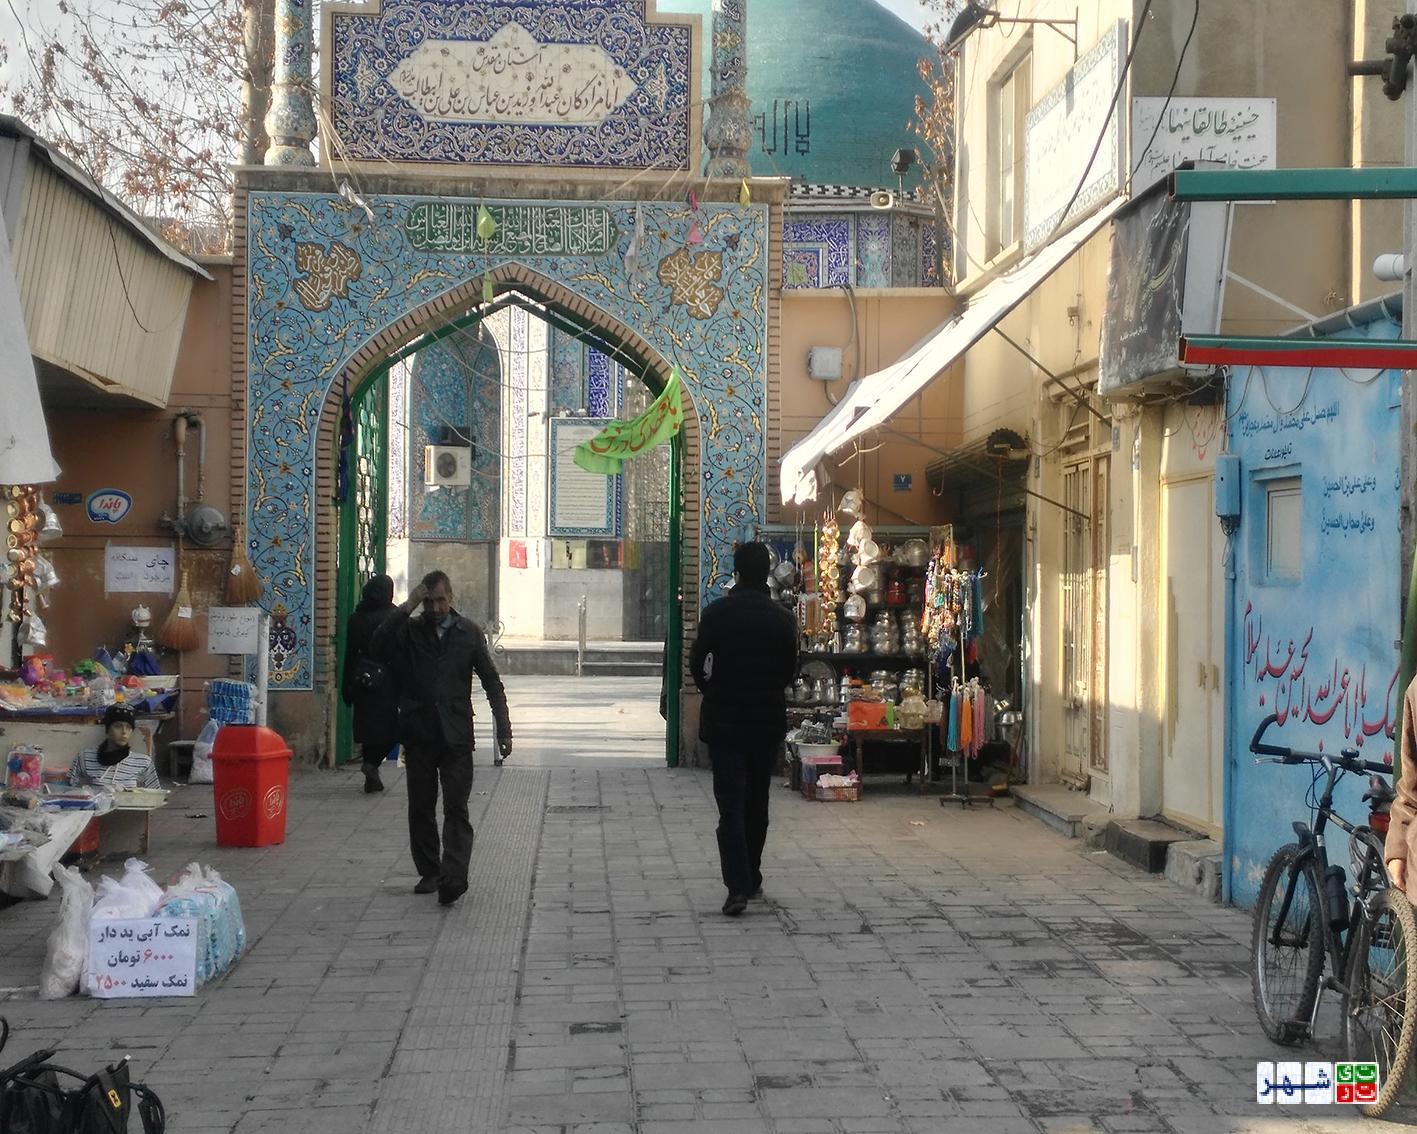 زندگی درکوچه های متروکه یک متری!/ یک شبه بخت سیاه خانه های امامزاده عبدالله باز شد!